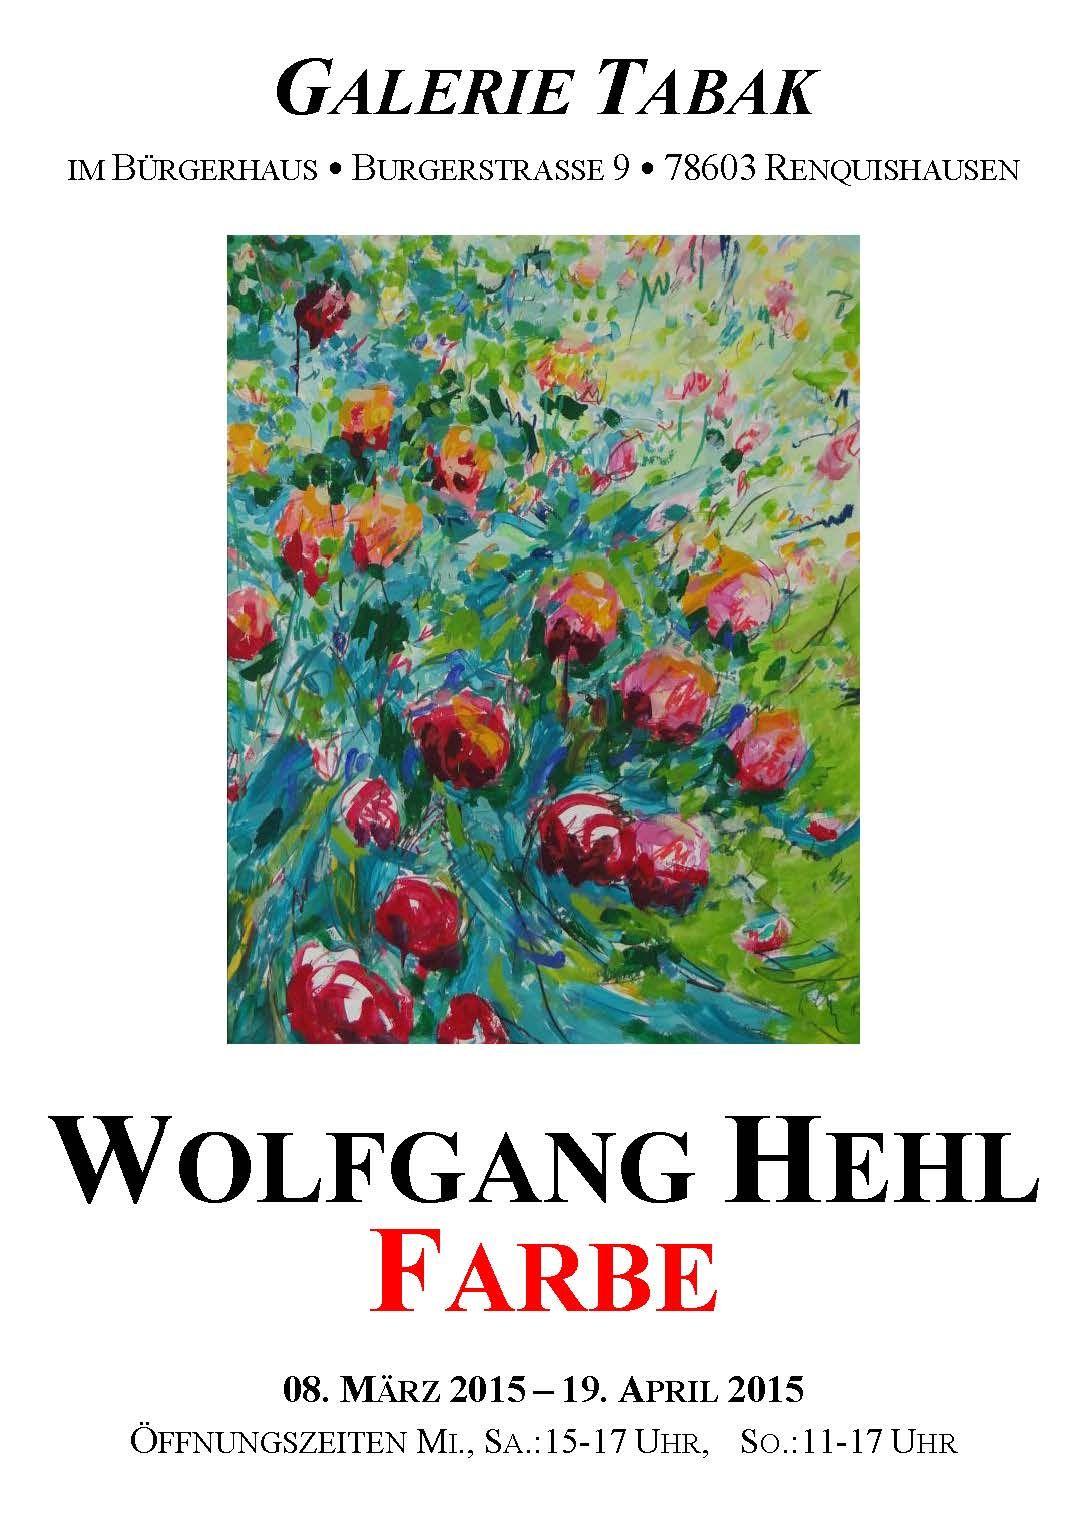 Plakat von Wolfgang Hehl zum Thema Farbe